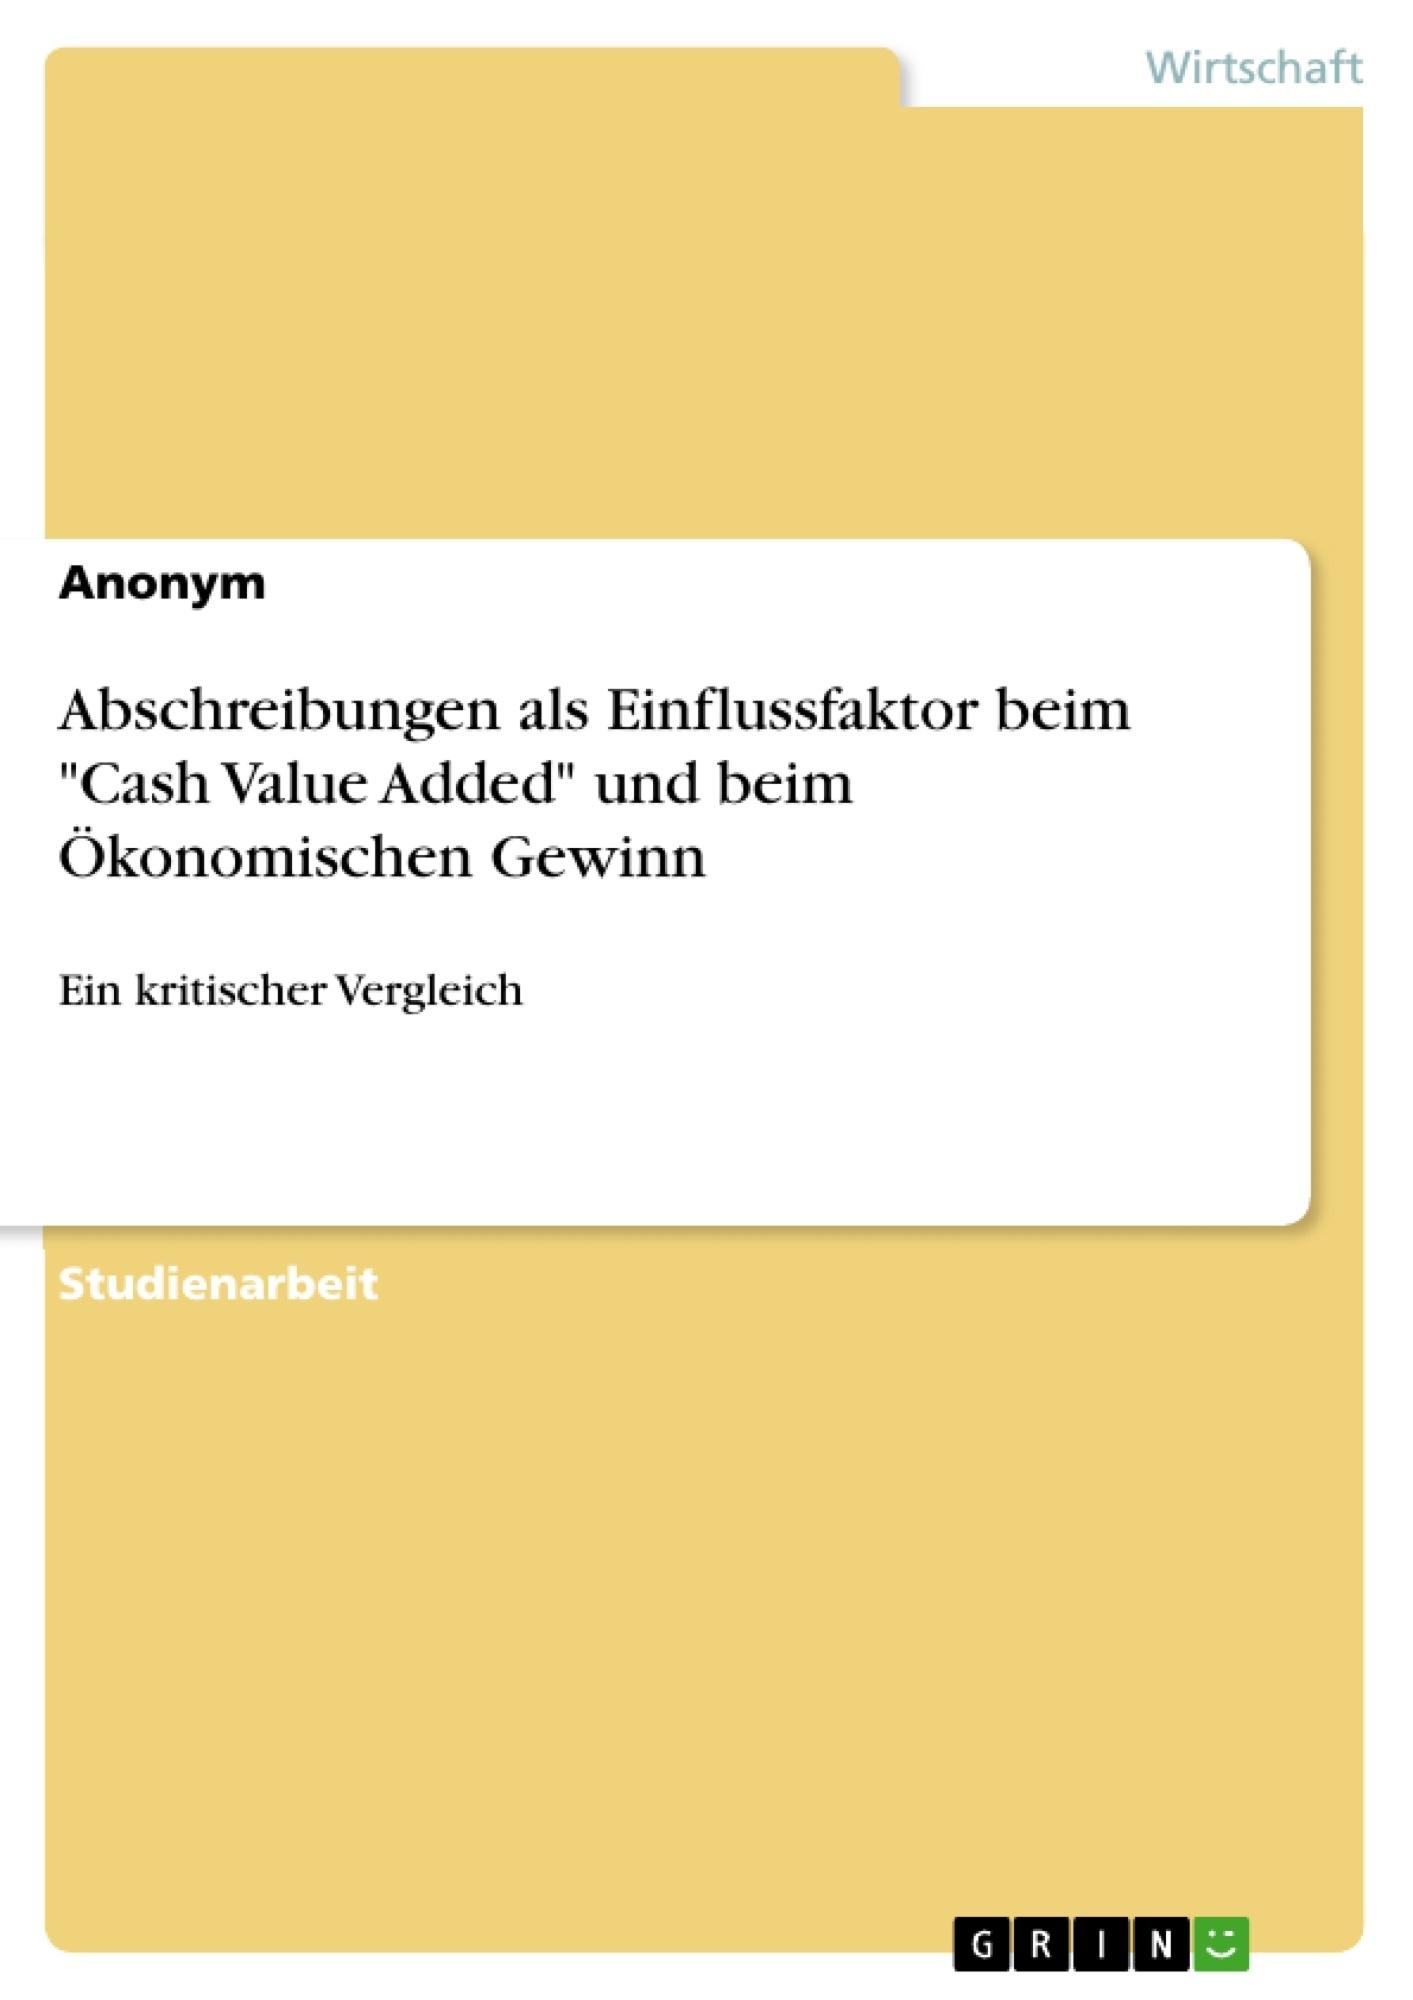 """Titel: Abschreibungen als Einflussfaktor beim """"Cash Value Added"""" und beim Ökonomischen Gewinn"""